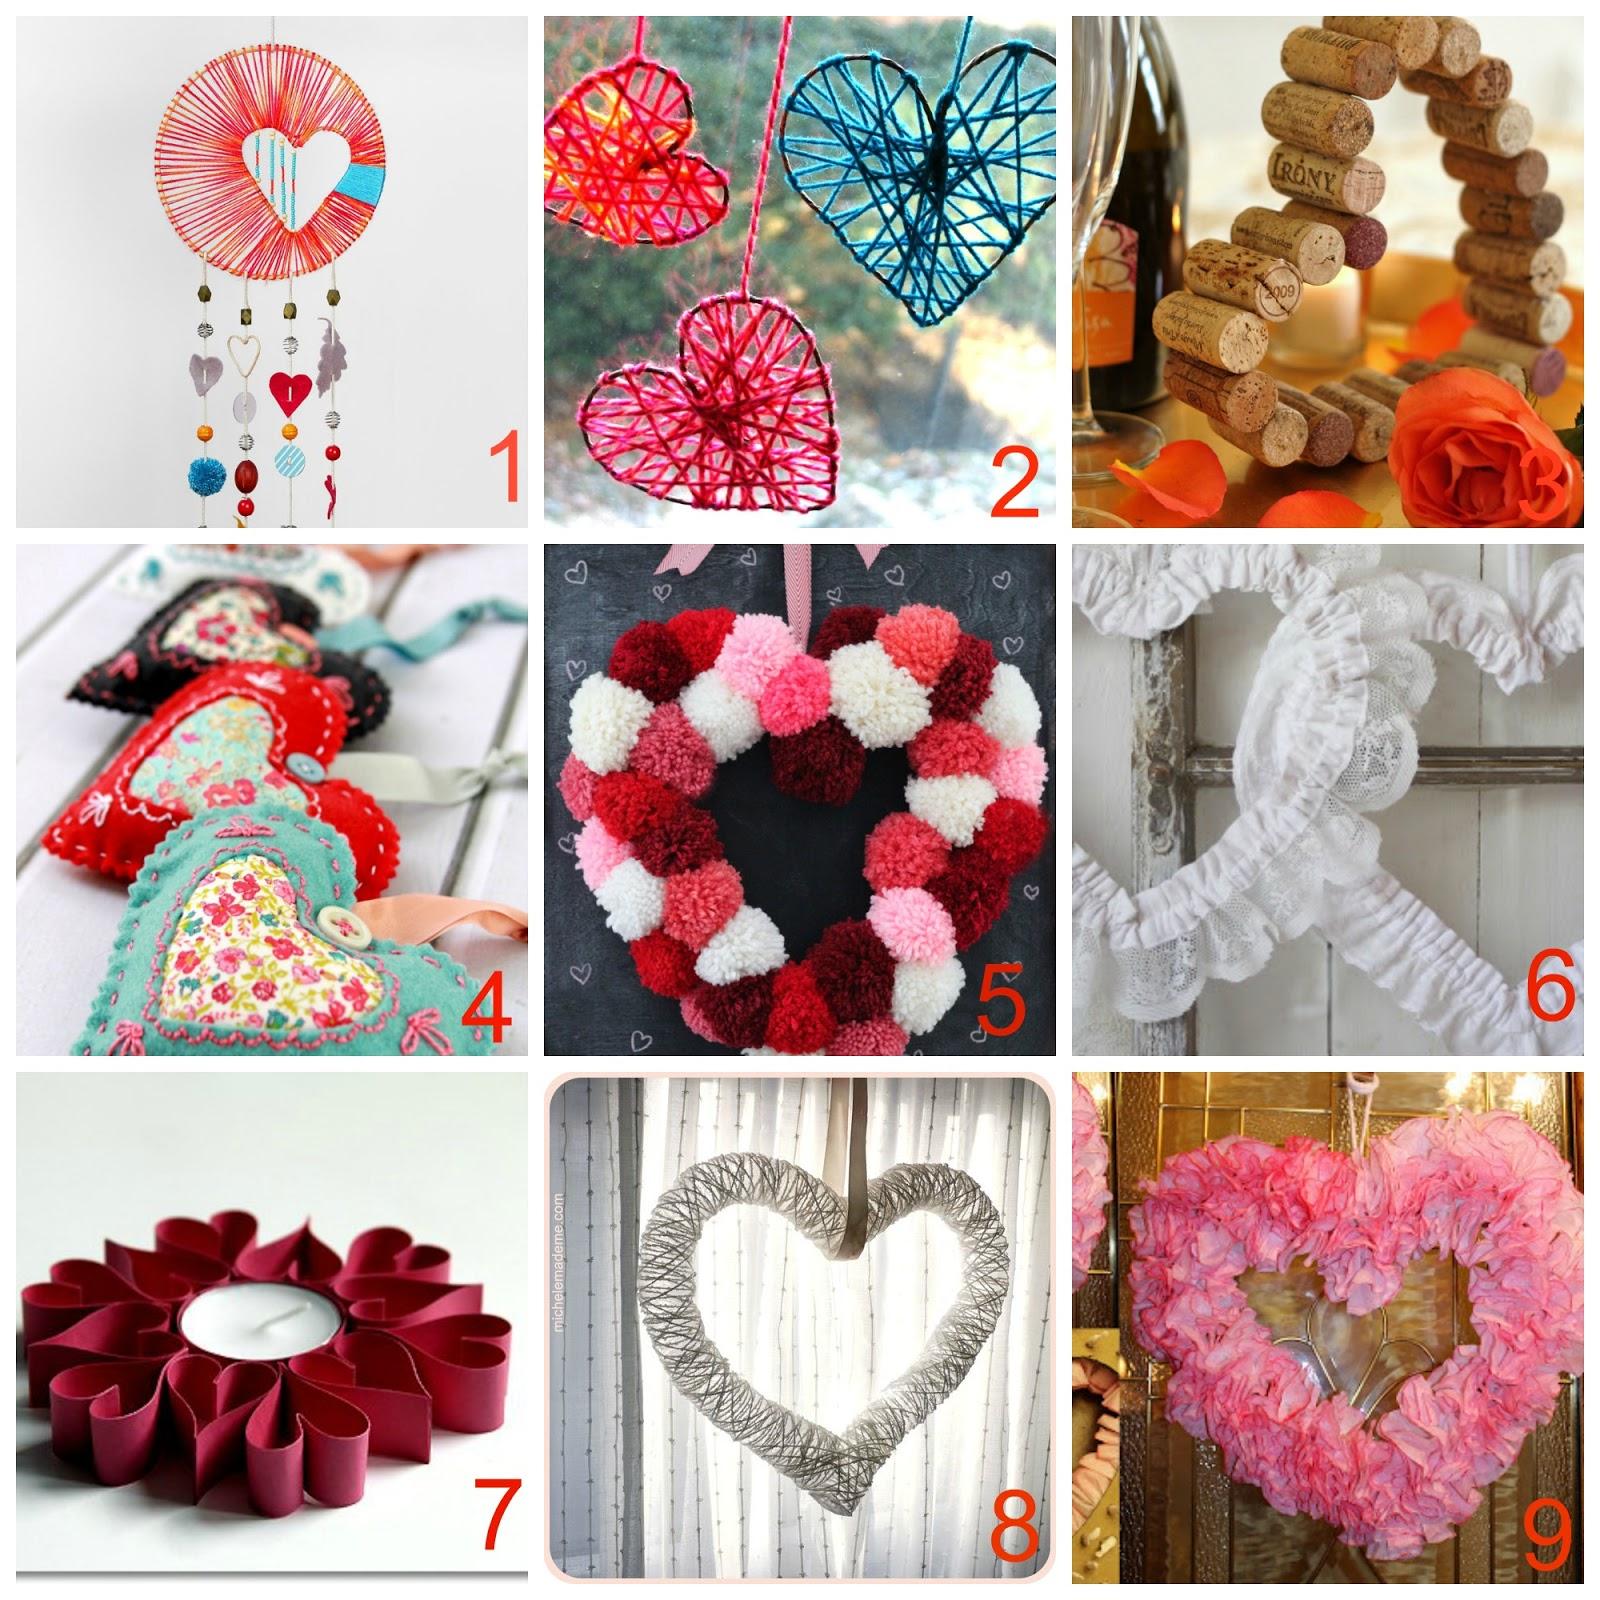 10 decorazioni fai da te a forma di cuore donneinpink magazine - Decorazioni casa fai da te riciclo ...